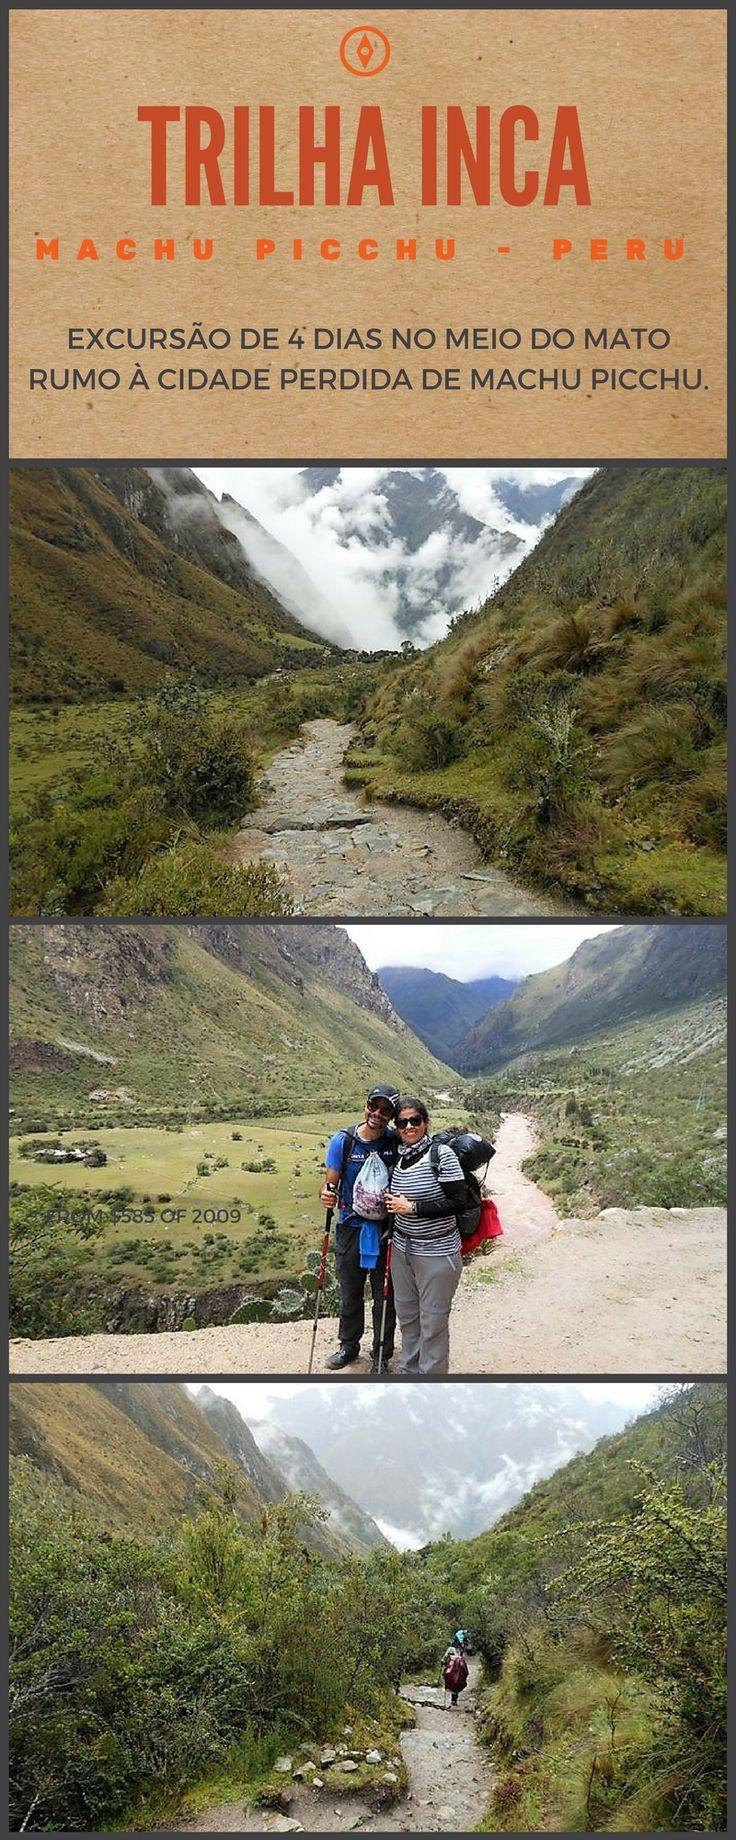 Visitar Machu Picchu no Peru é maravilhoso, mas imagine fazendo disso uma aventura? A Trilha Inca clàssica percorre 45 km e todos fazem esse percurso em 4 dias. Que tal?